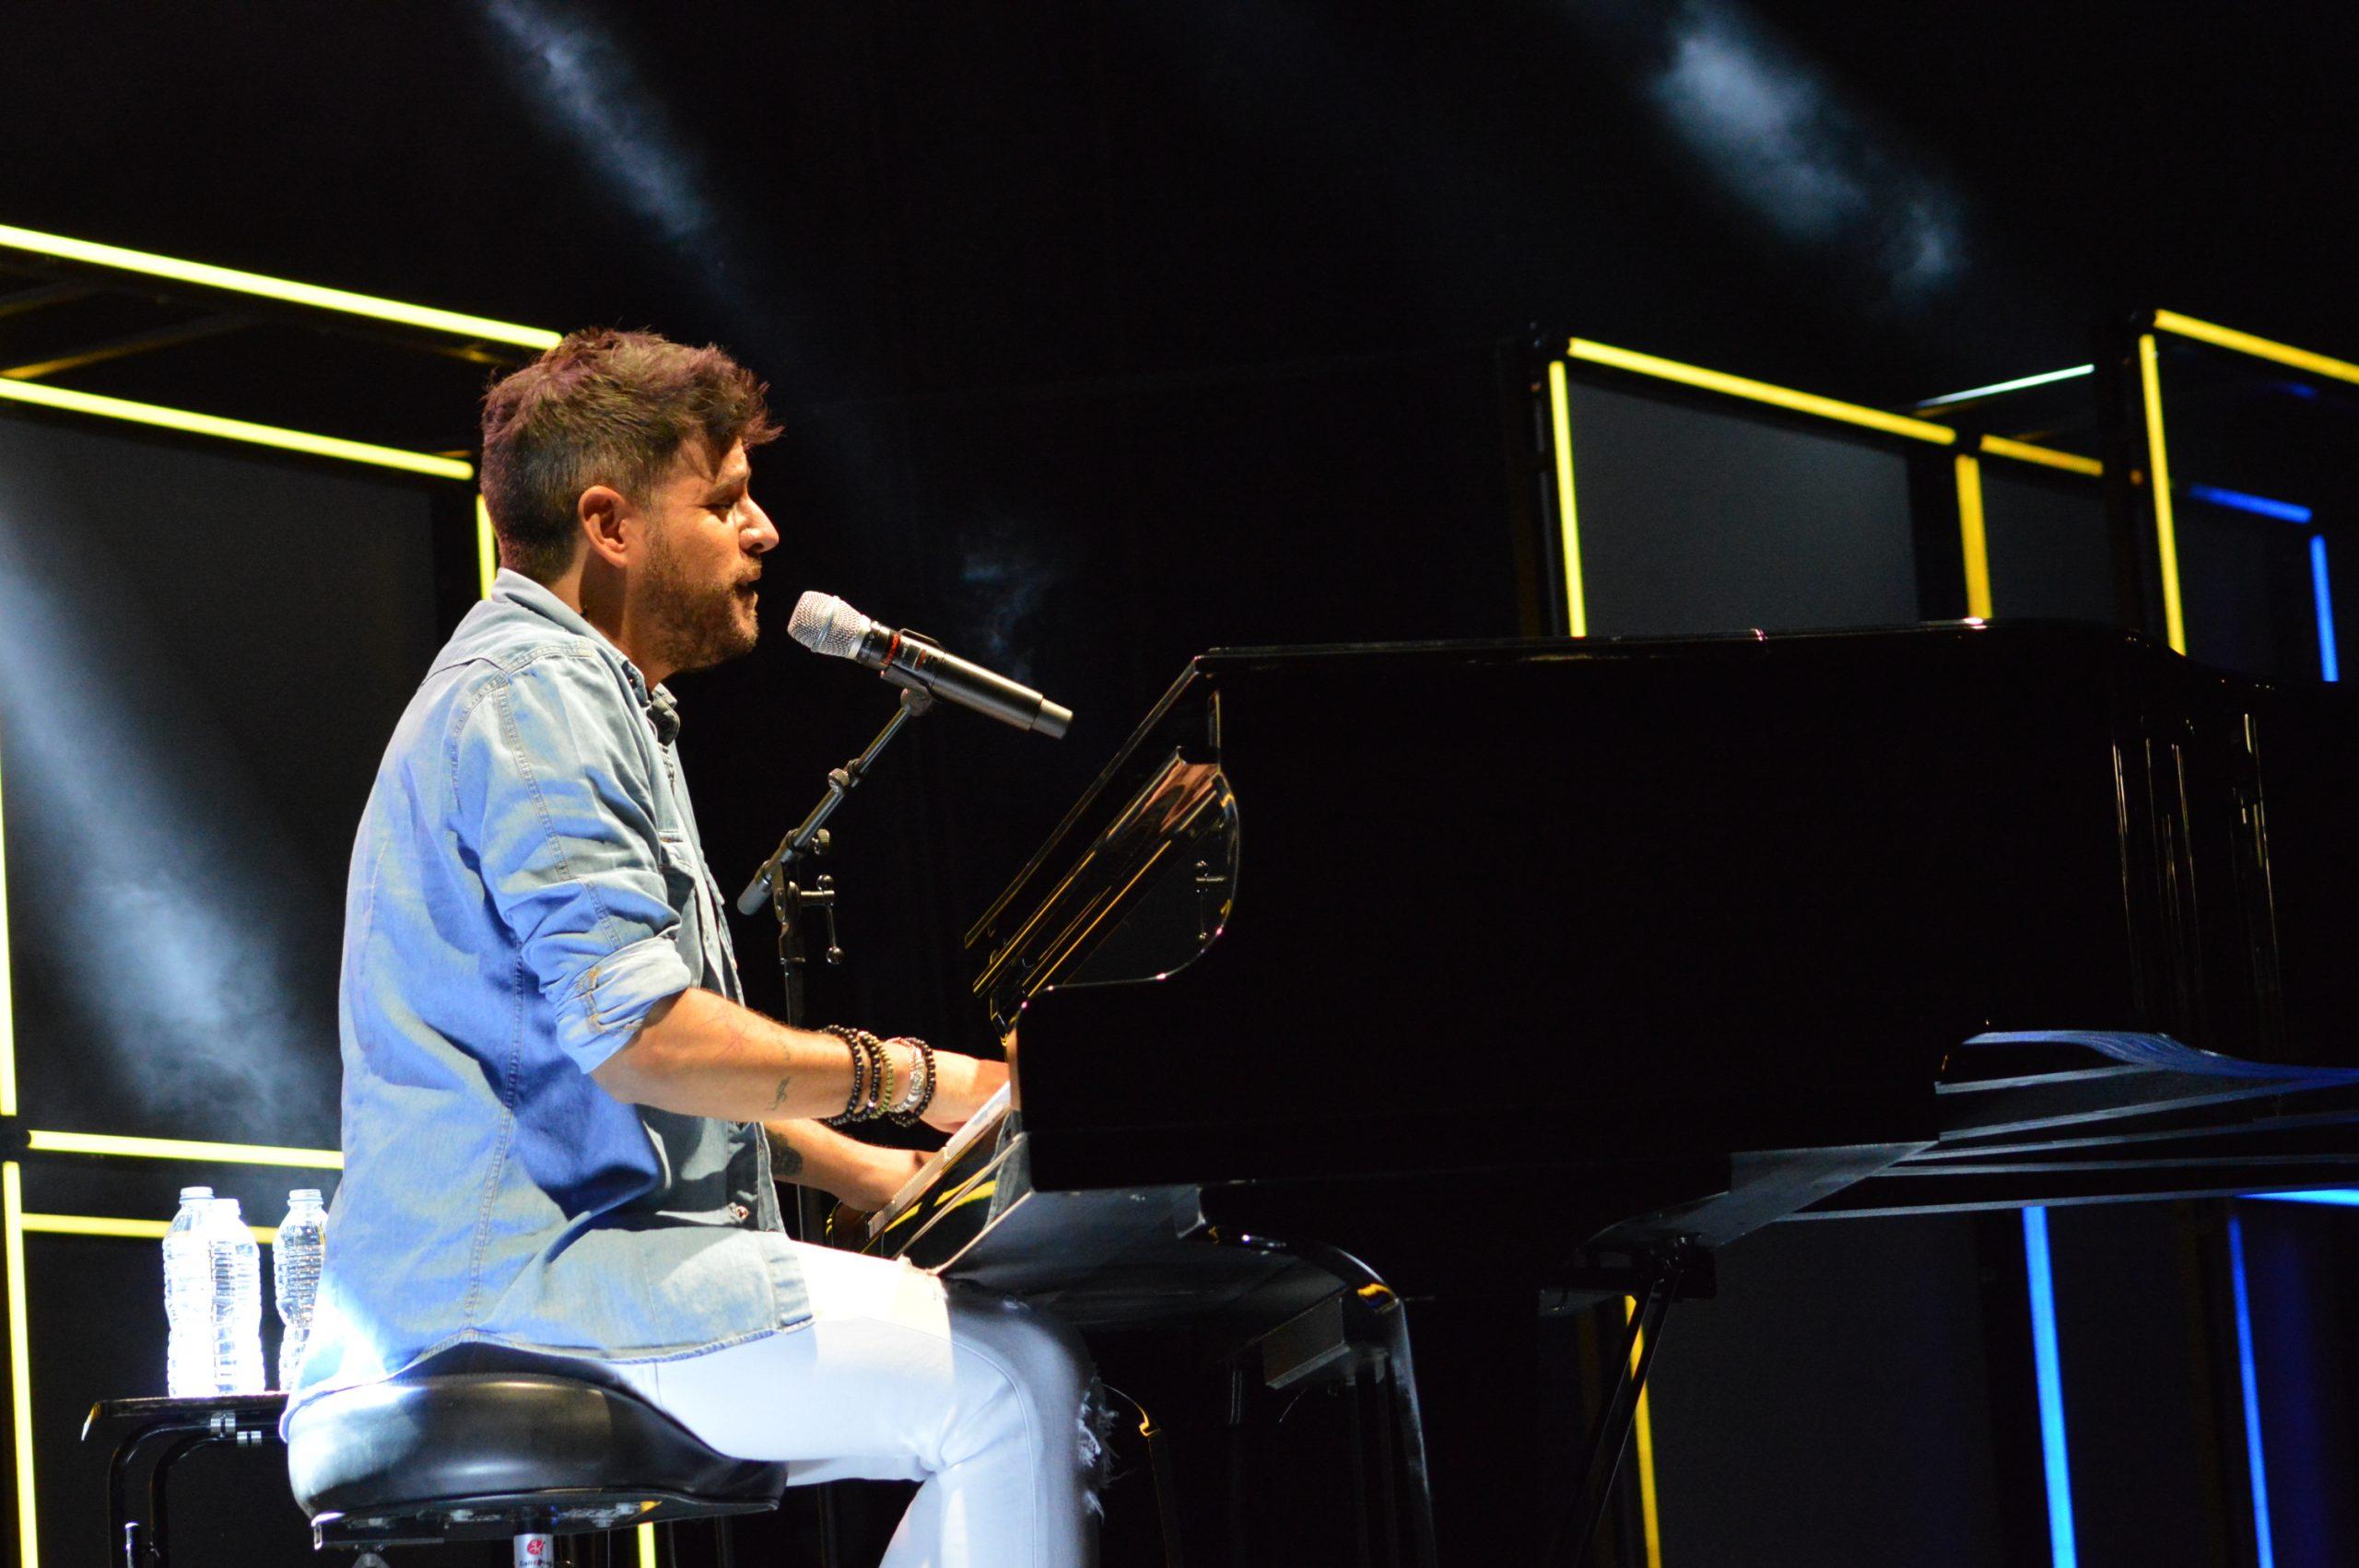 La gira 'López, piano y voz' de Pablo López pone el broche final a las fiestas de la Encina que nunca hubiéramos querido vivir 10